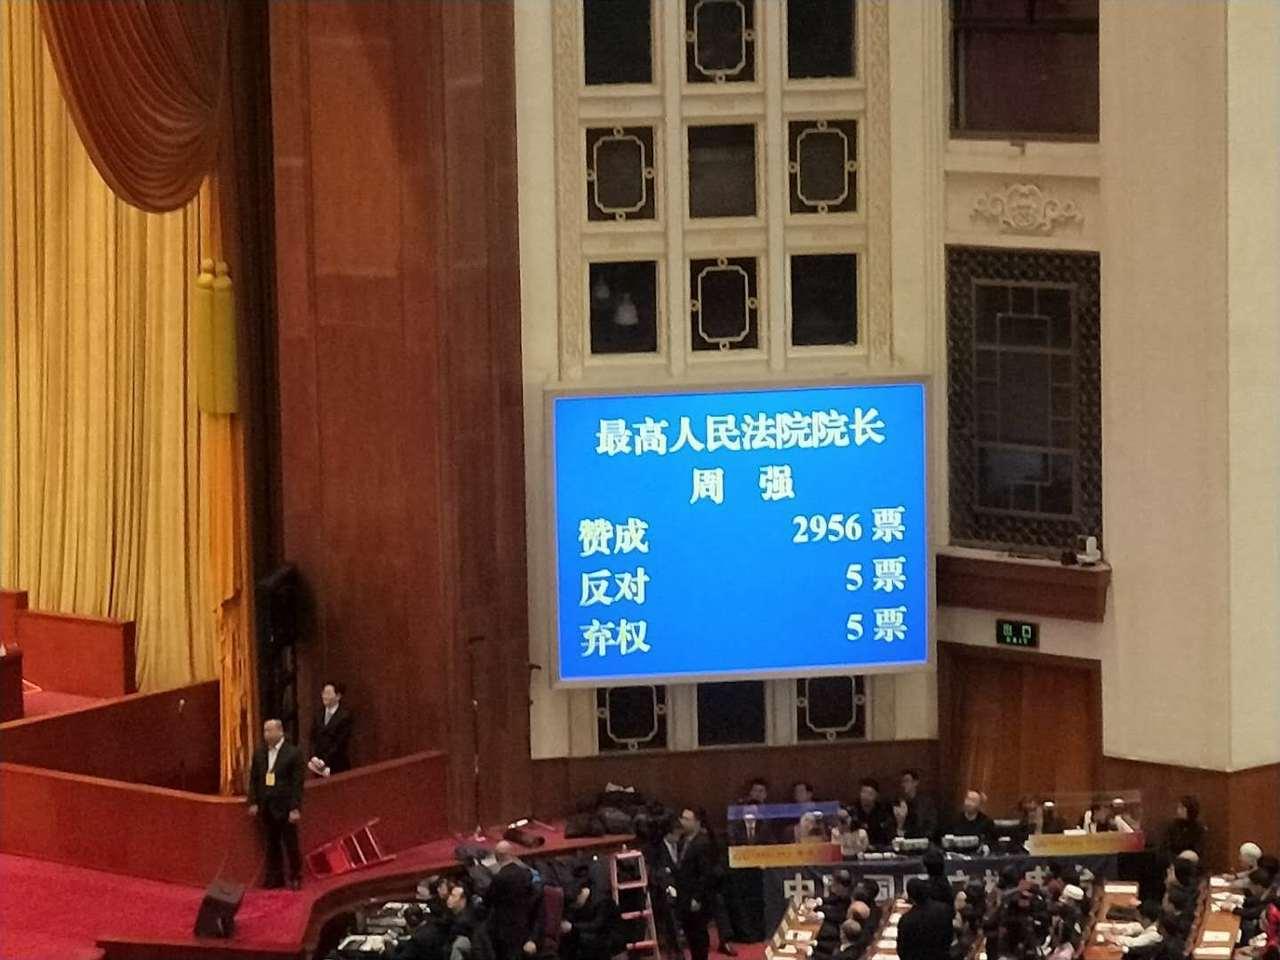 大陸最高法院周強獲得2956票贊成、5票反對、5票棄權。特派記者林庭瑤╱攝影